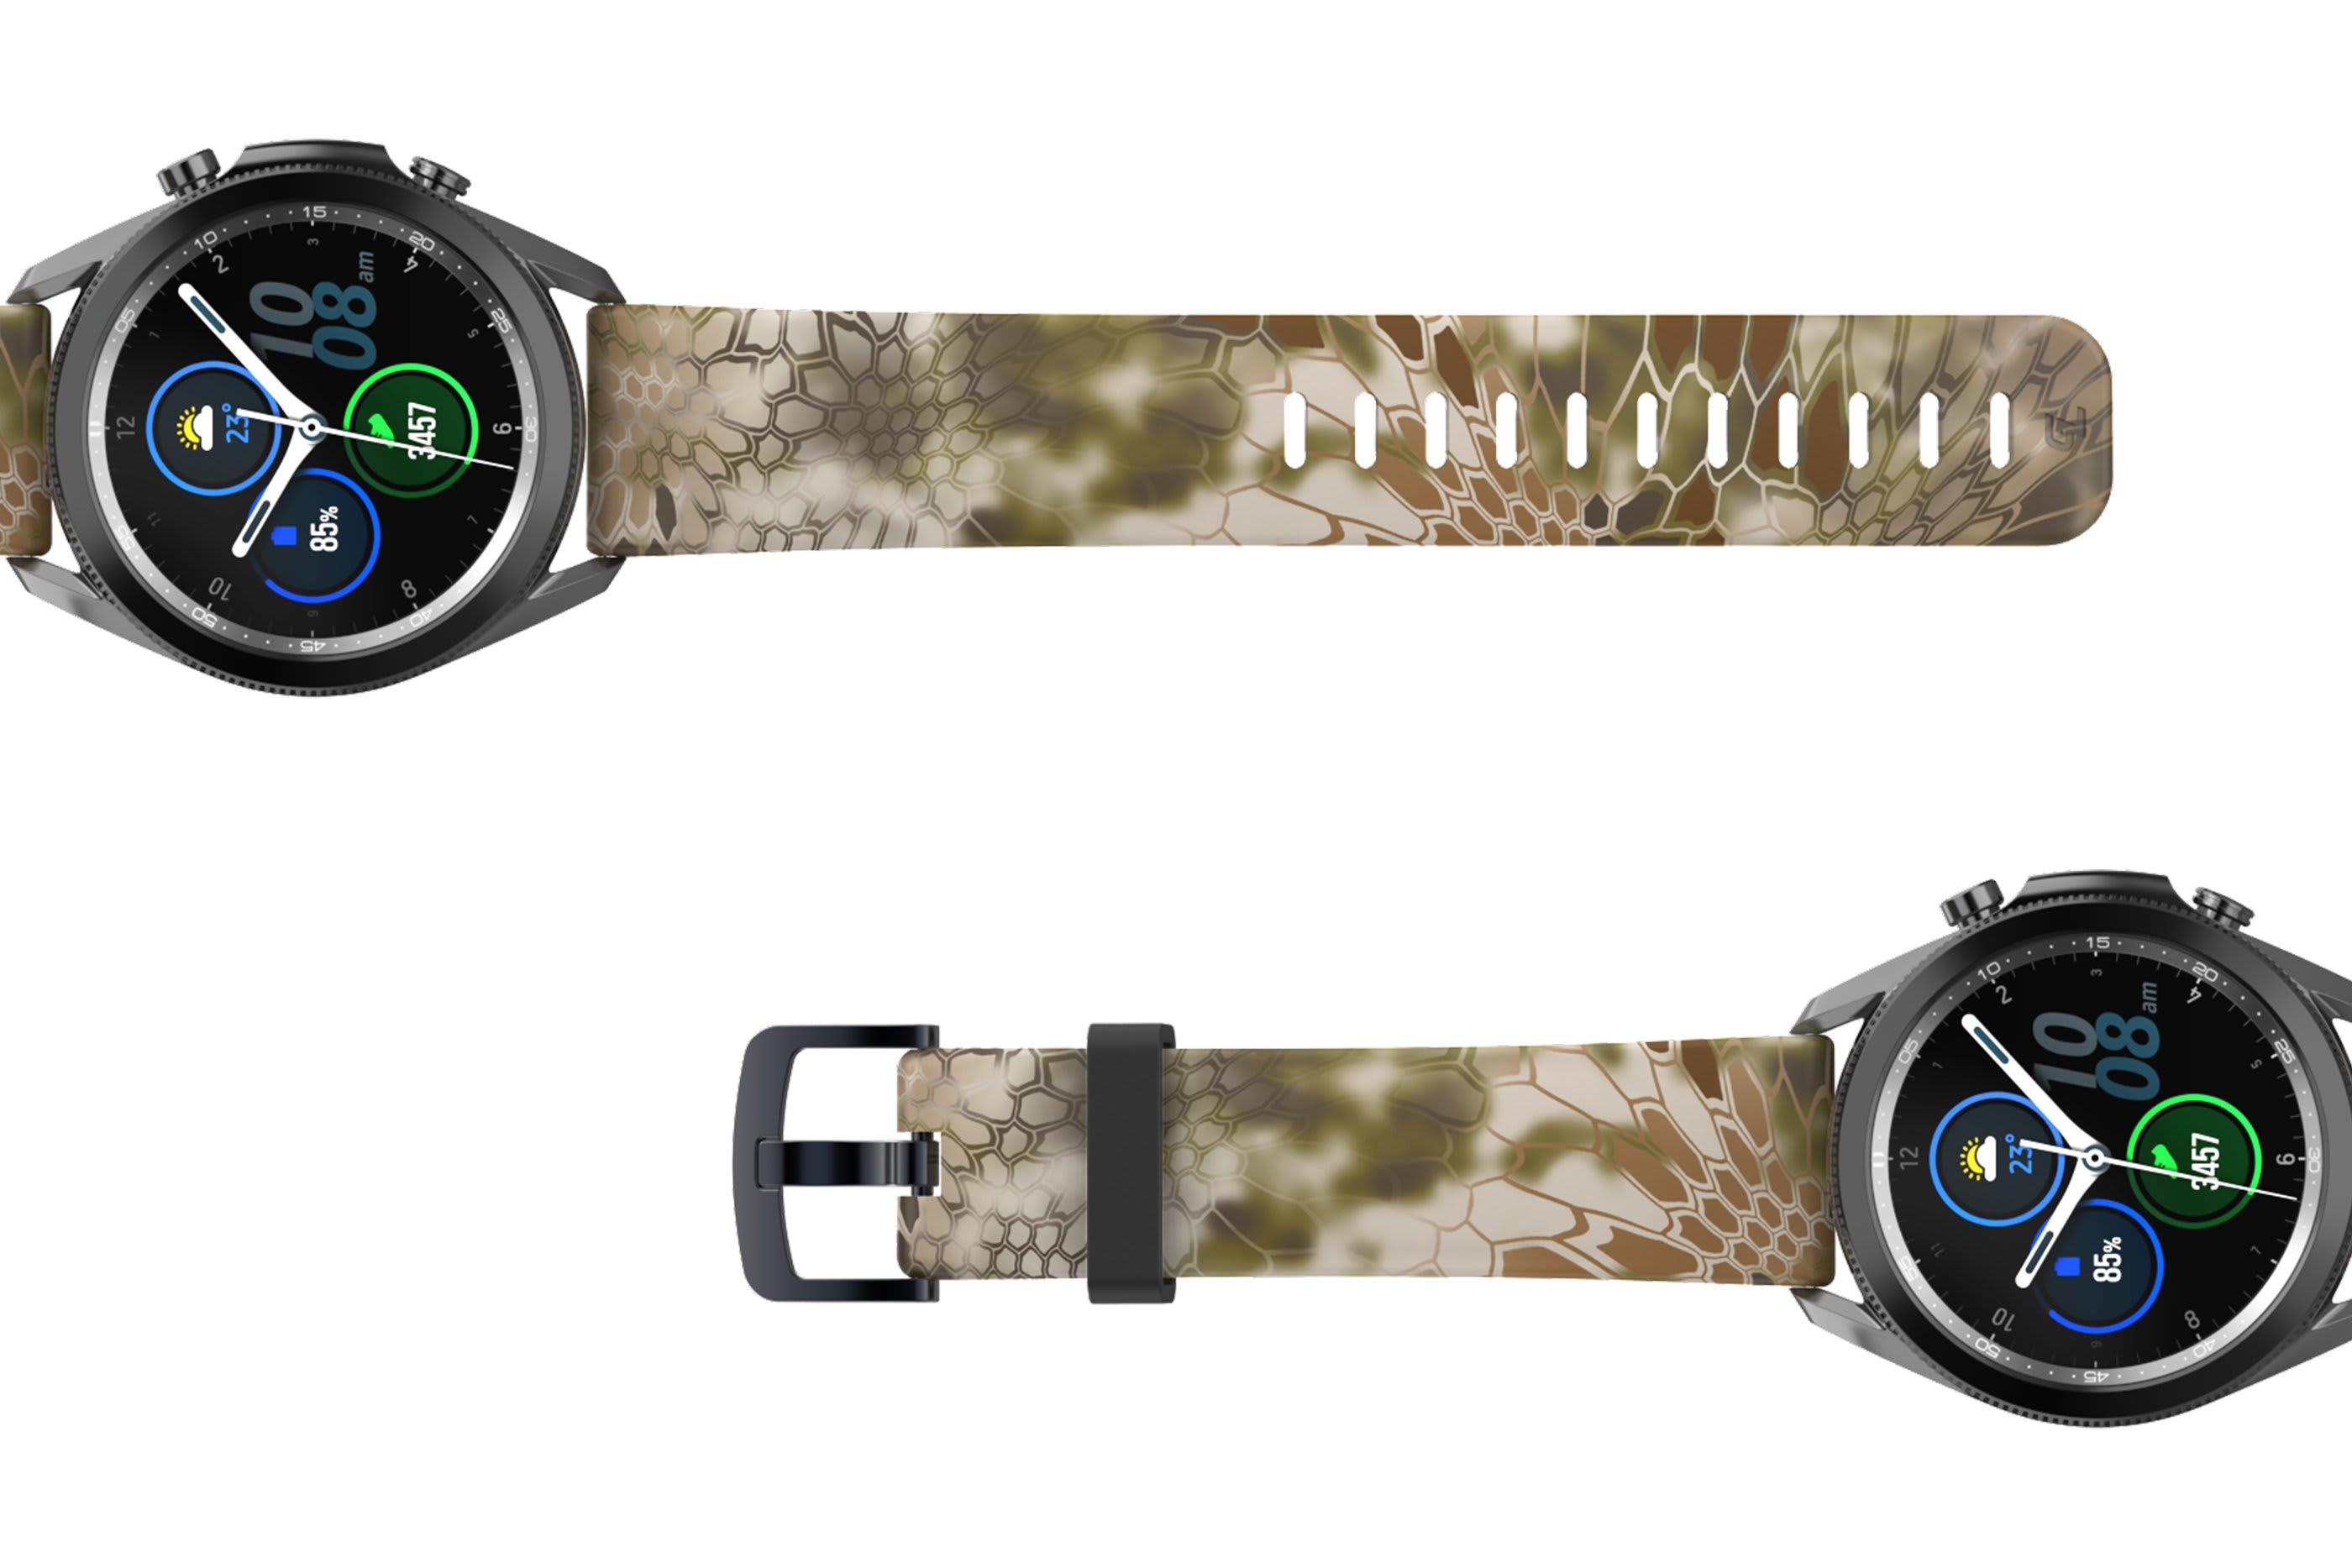 Kryptek Highlander Samsung 22mm watch band viewed top down